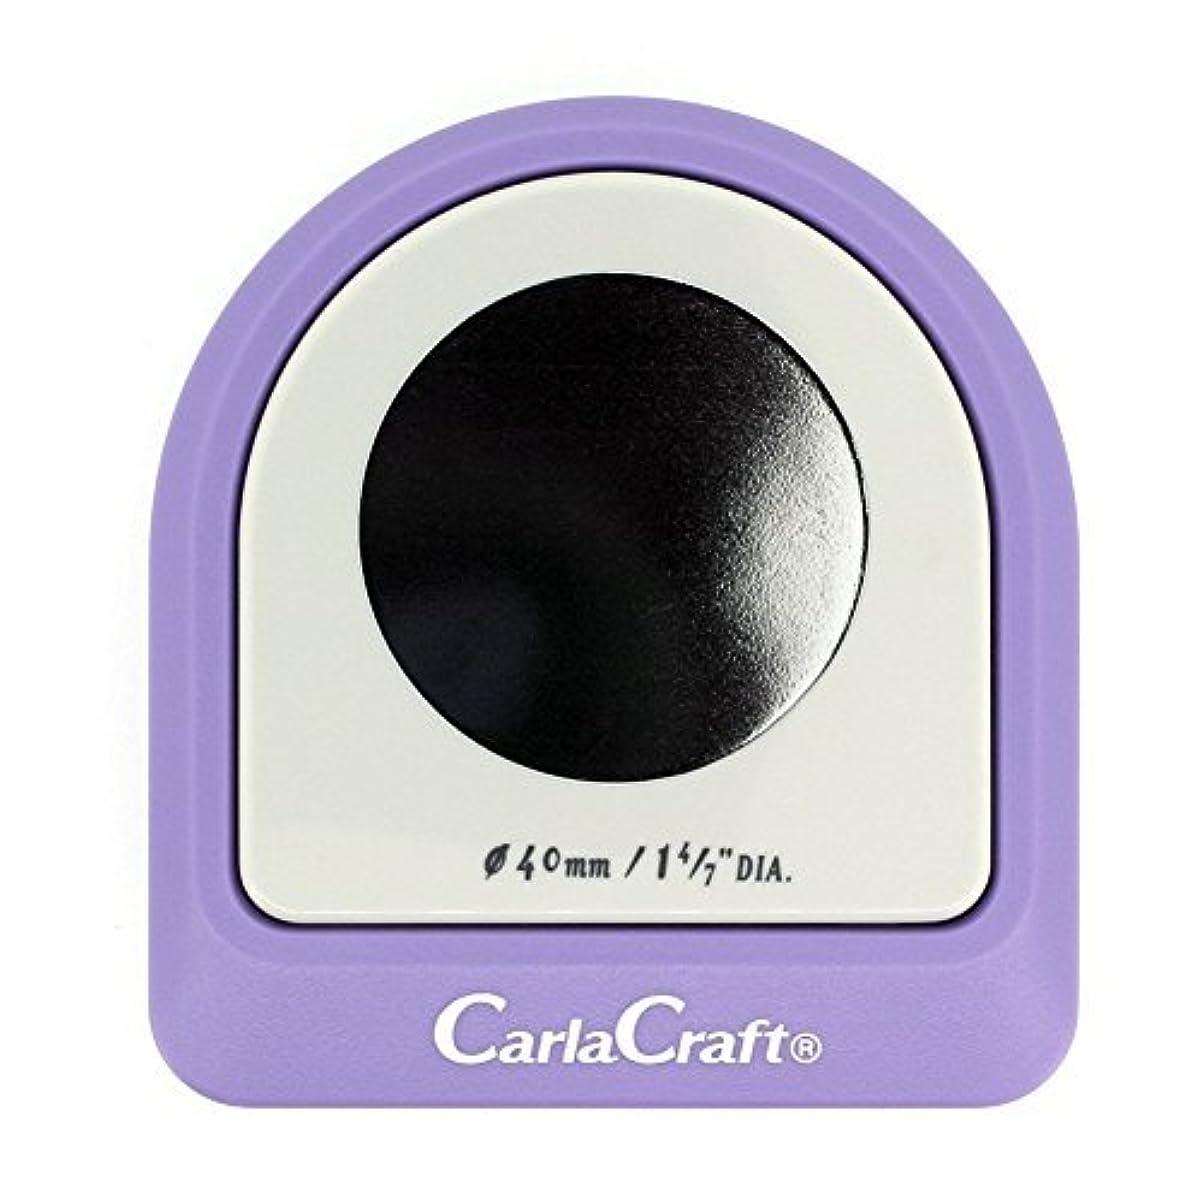 一次集計母音カール事務器 メガジャンボクラフトパンチ CN45004 00063867 【まとめ買い3個セット】